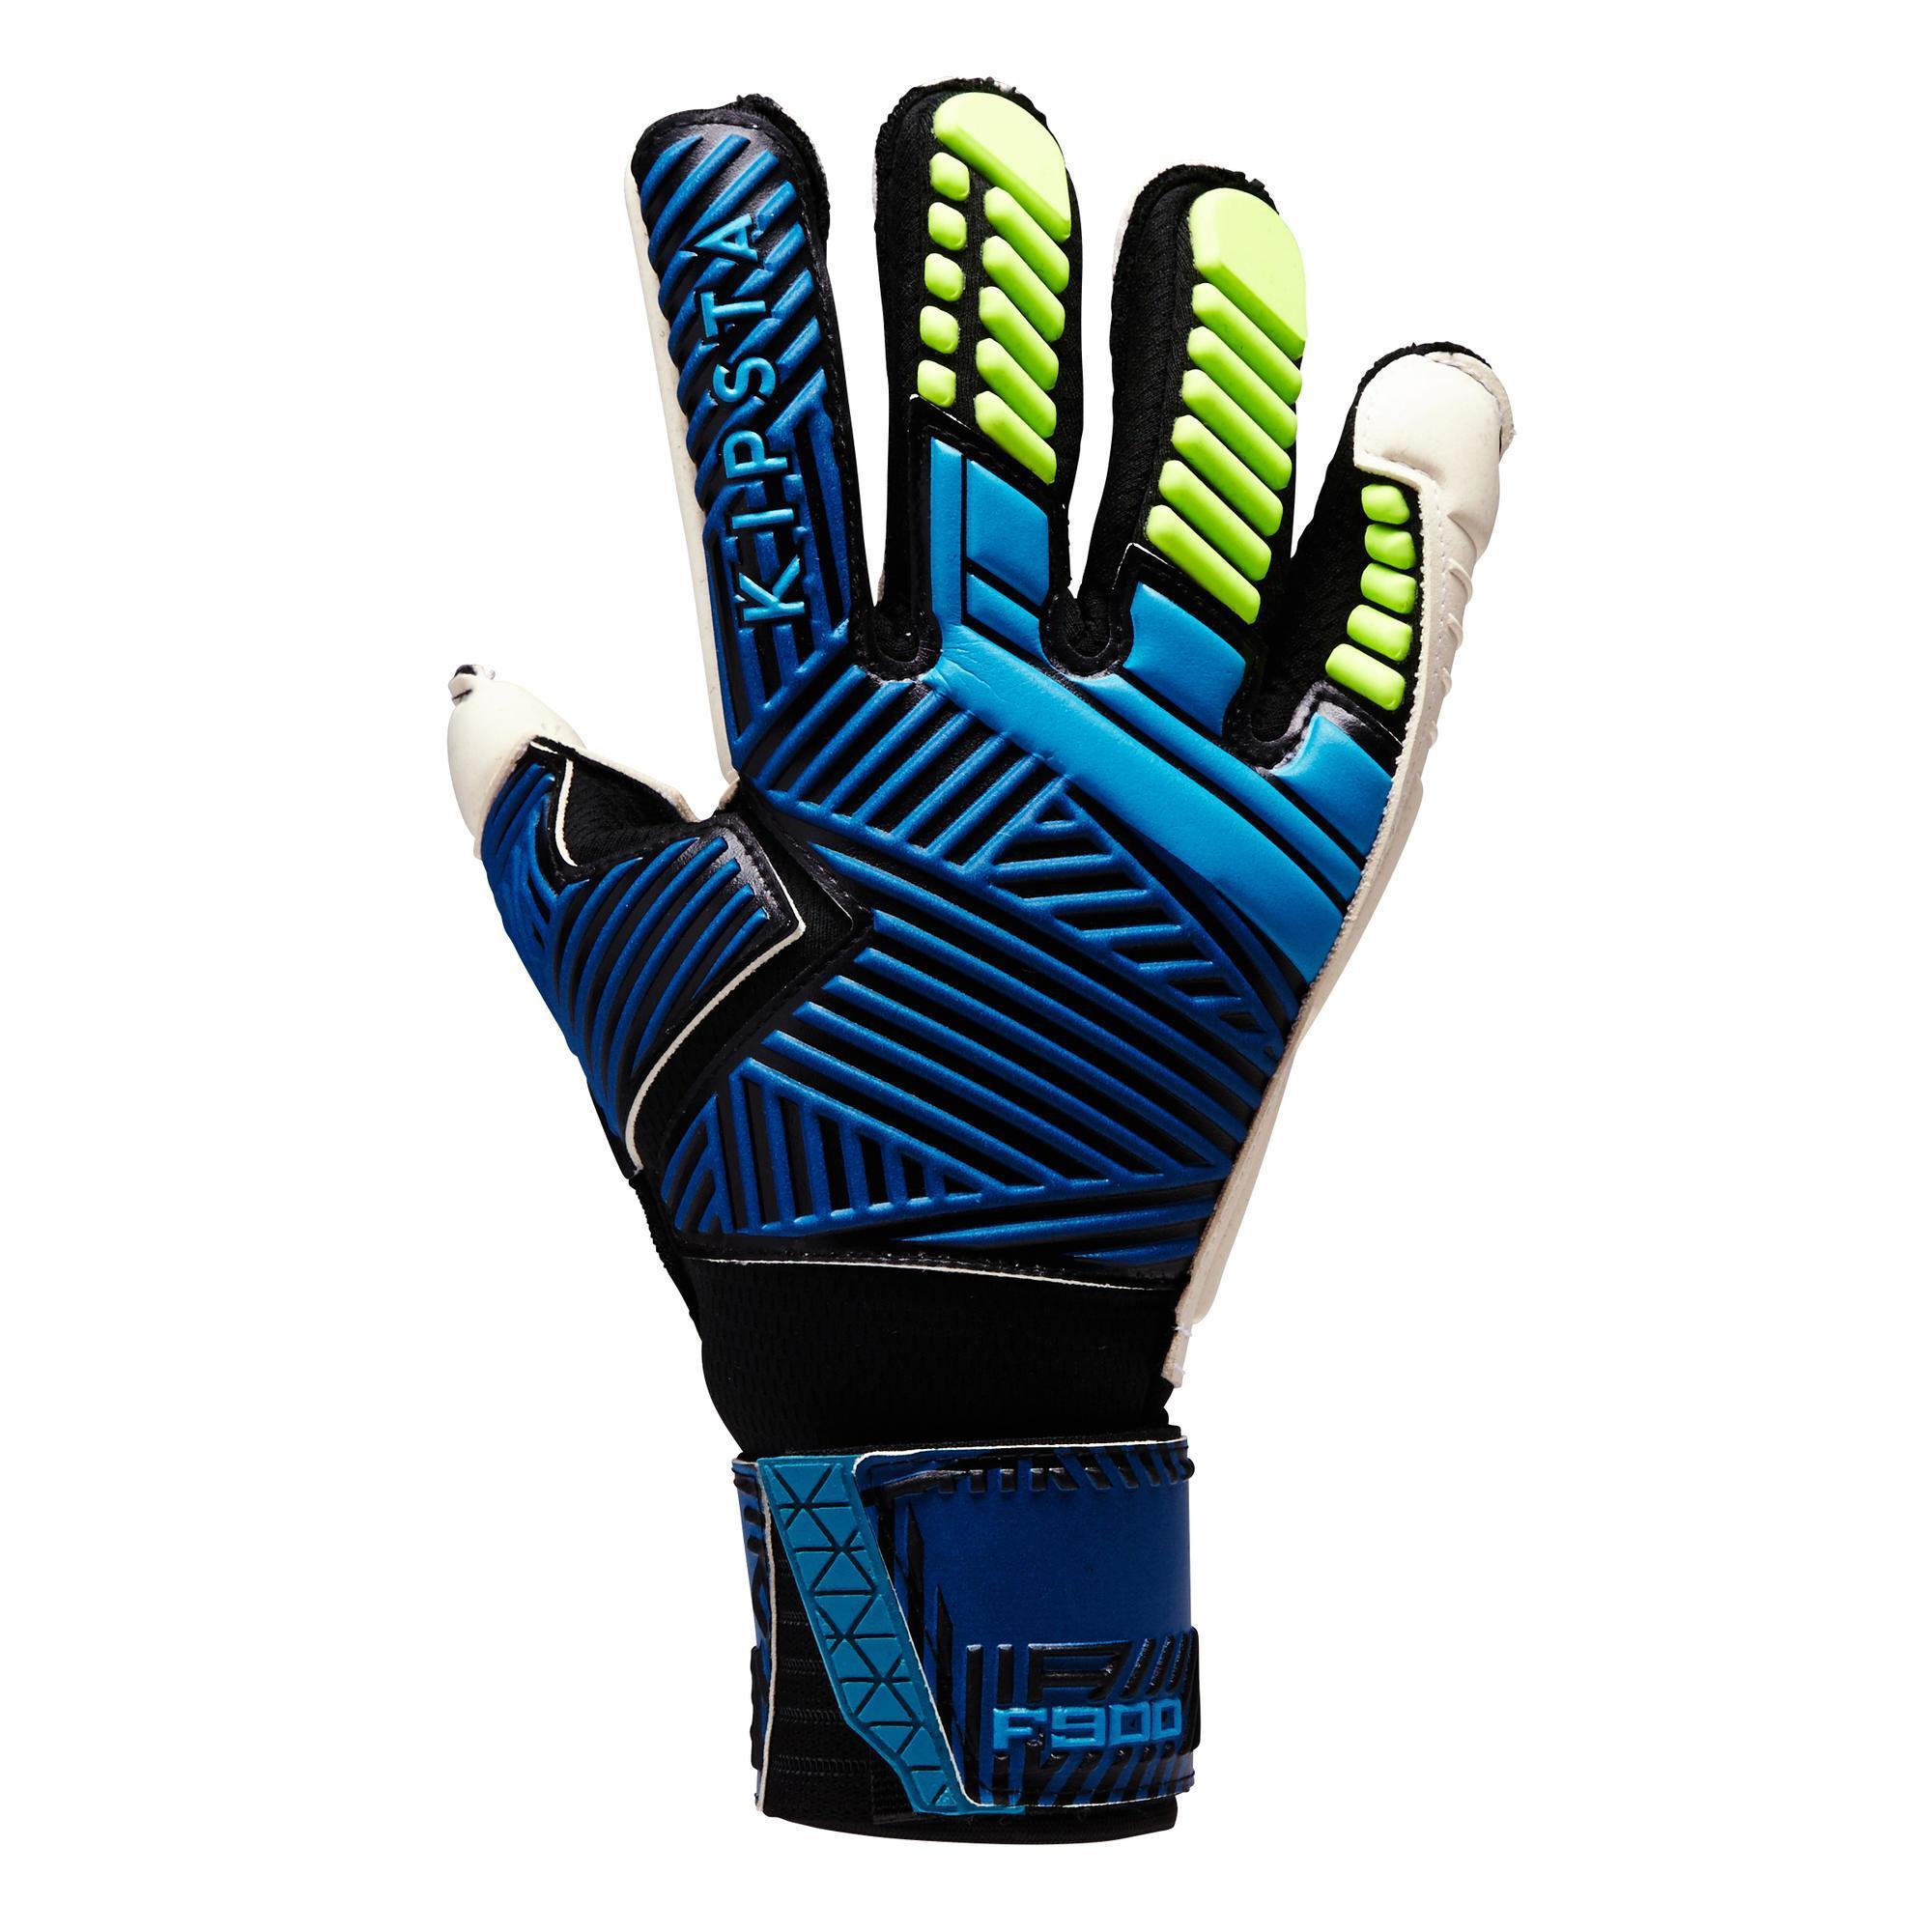 Keepershandschoenen F900 volwassenen, voetbal, blauw-geel